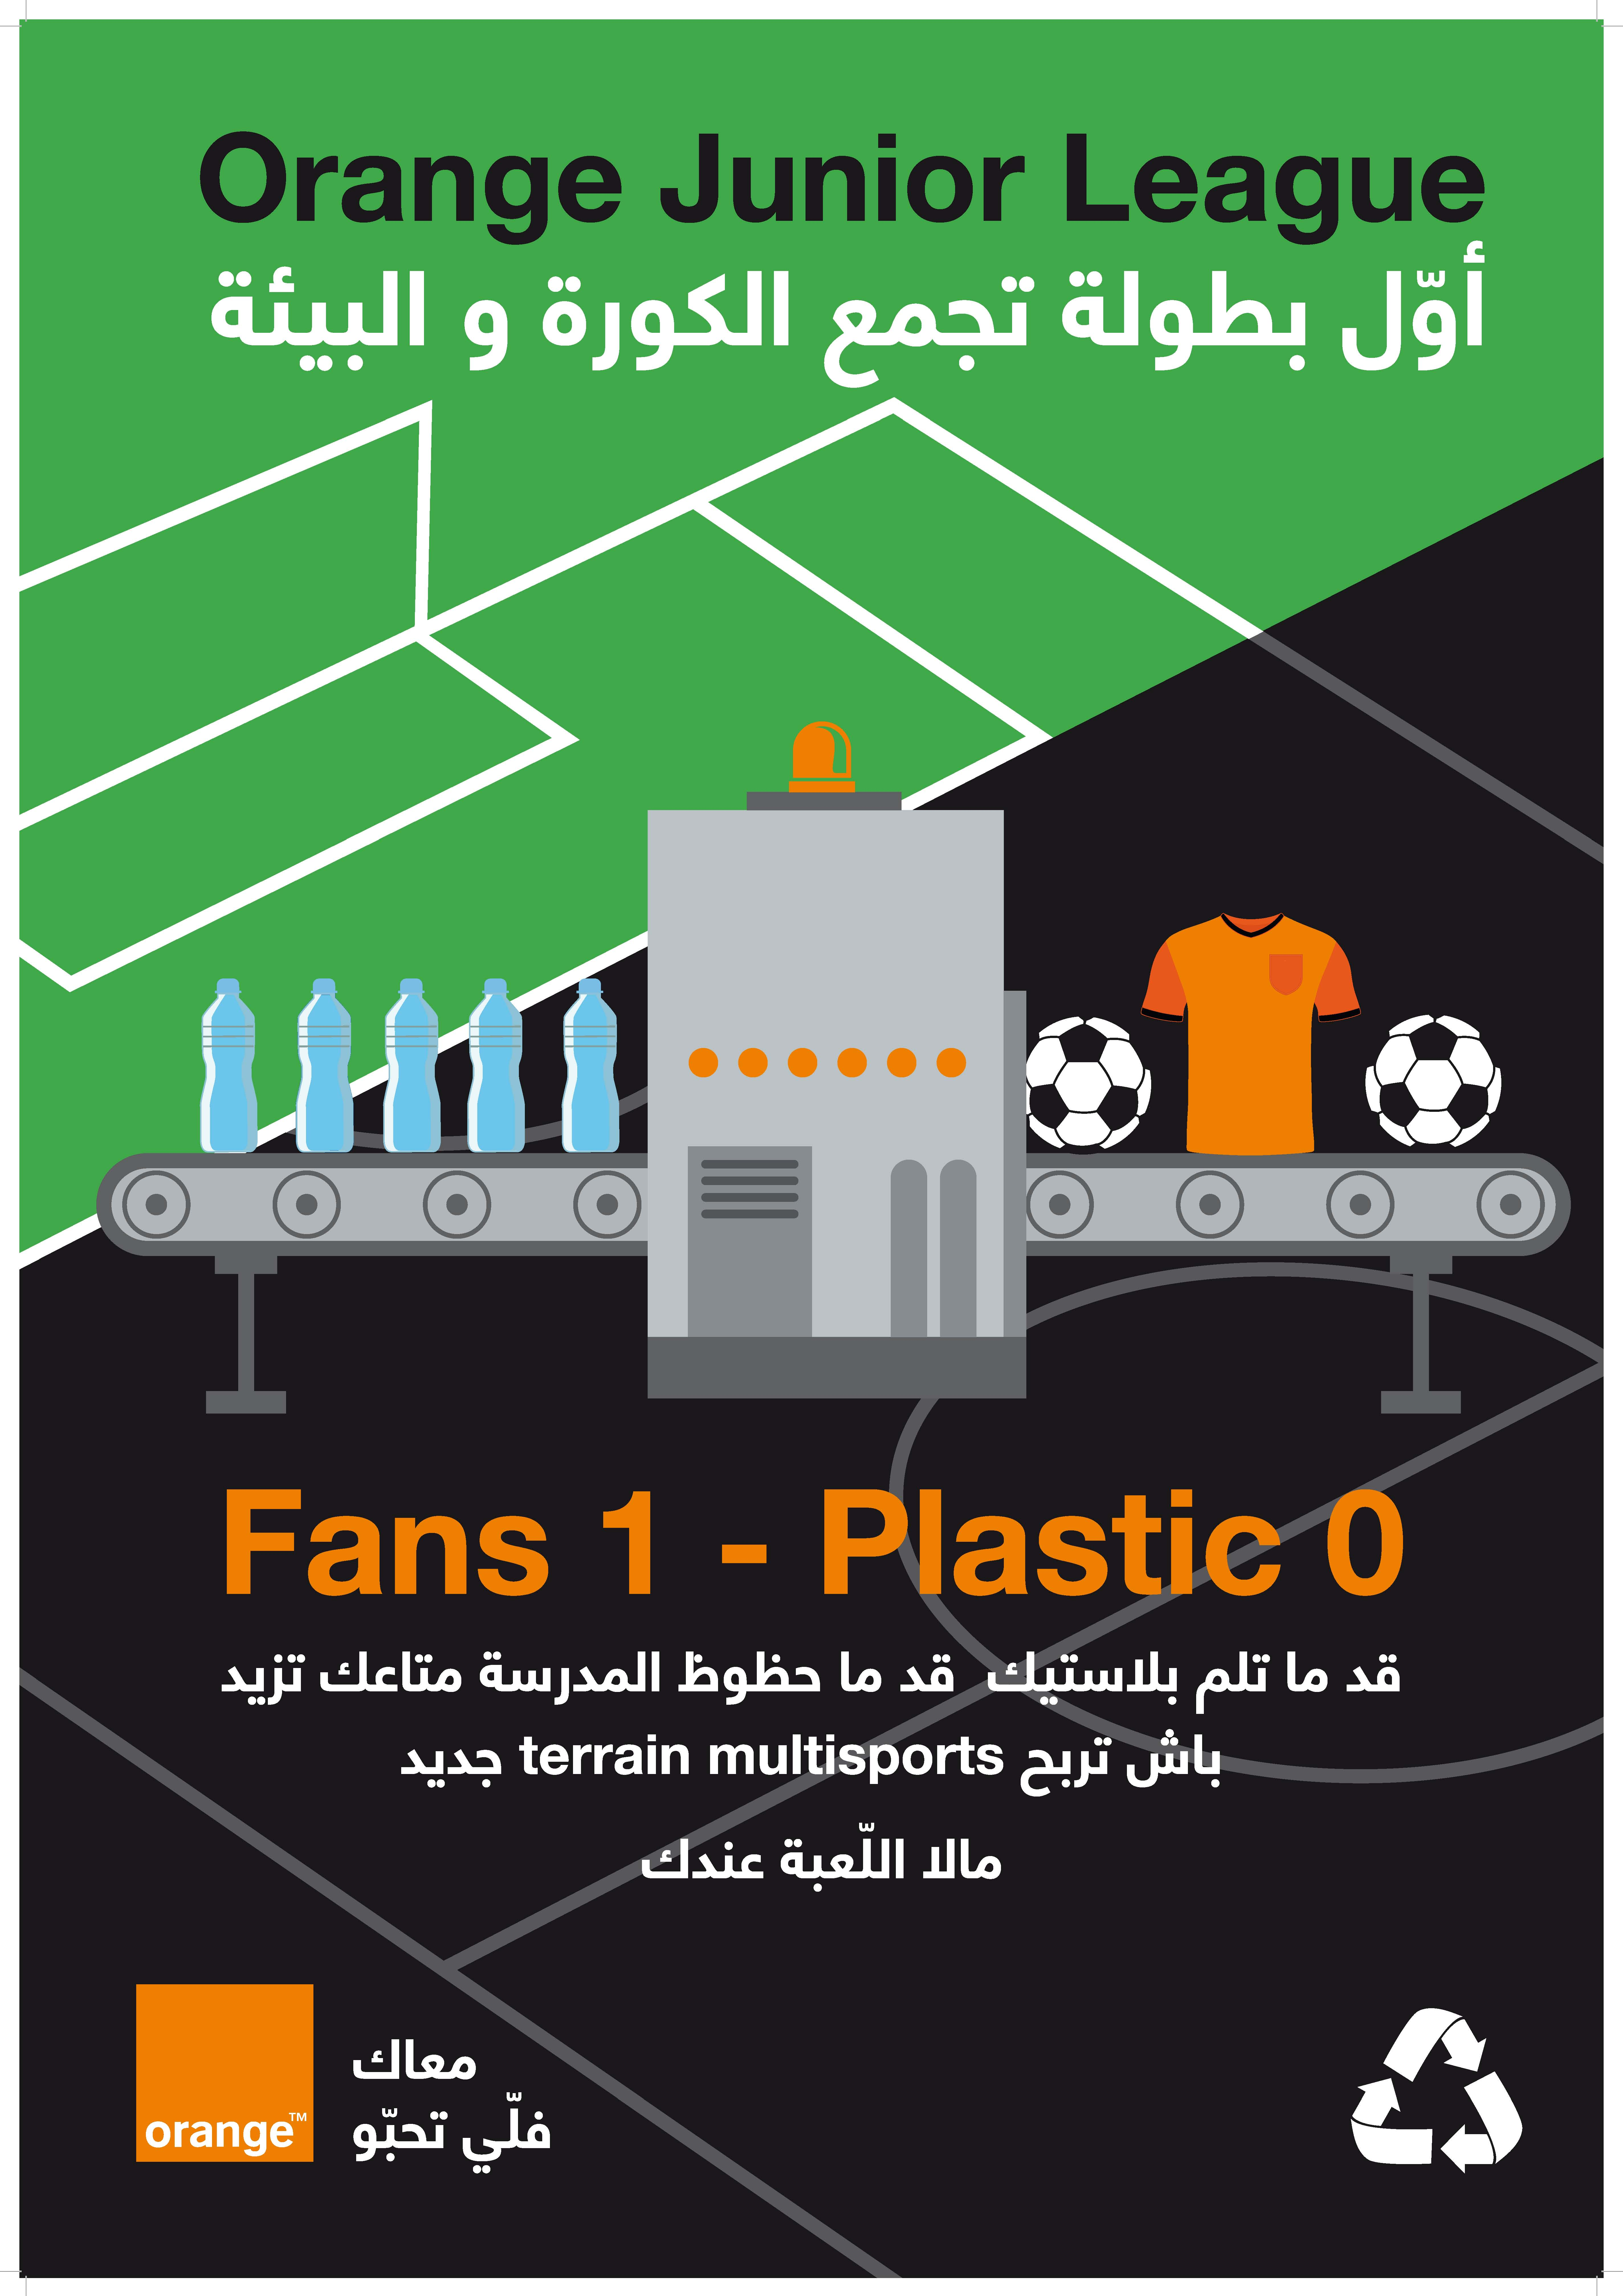 Orange Tunisie, en partenariat avec la Fédération Tunisienne des Sports Scolaires et Universitaires, lance « Orange Junior League » le premier tournoi de Foot écoresponsable